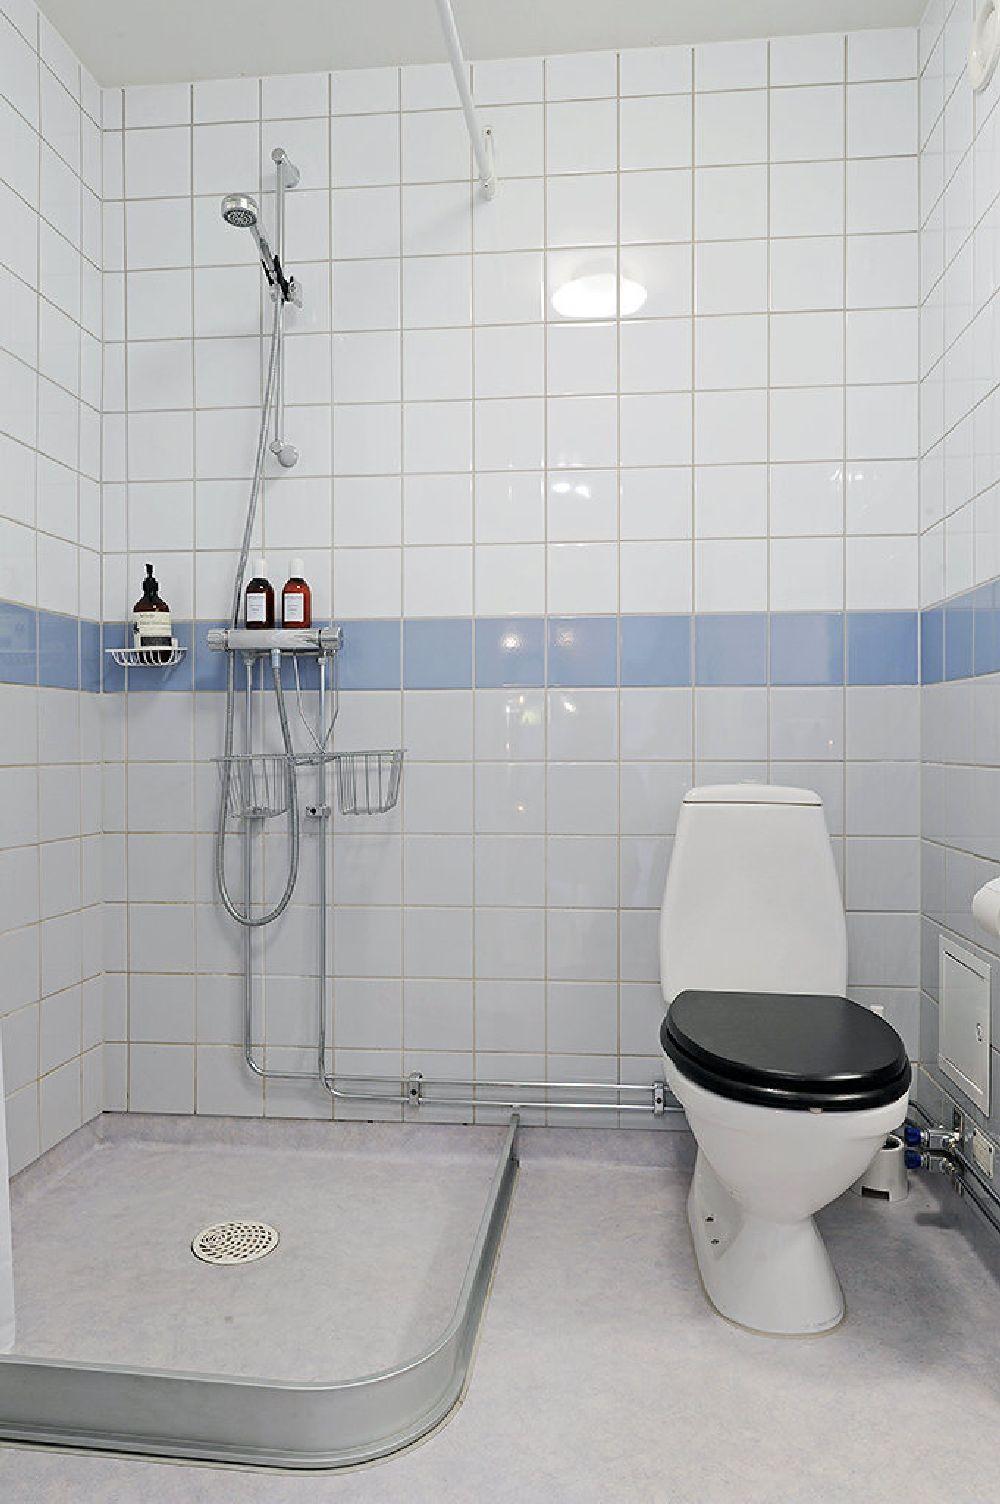 adelaparvu.com despre apartament 2 camere 51 mp Suedia, Foto Alvhem (2)